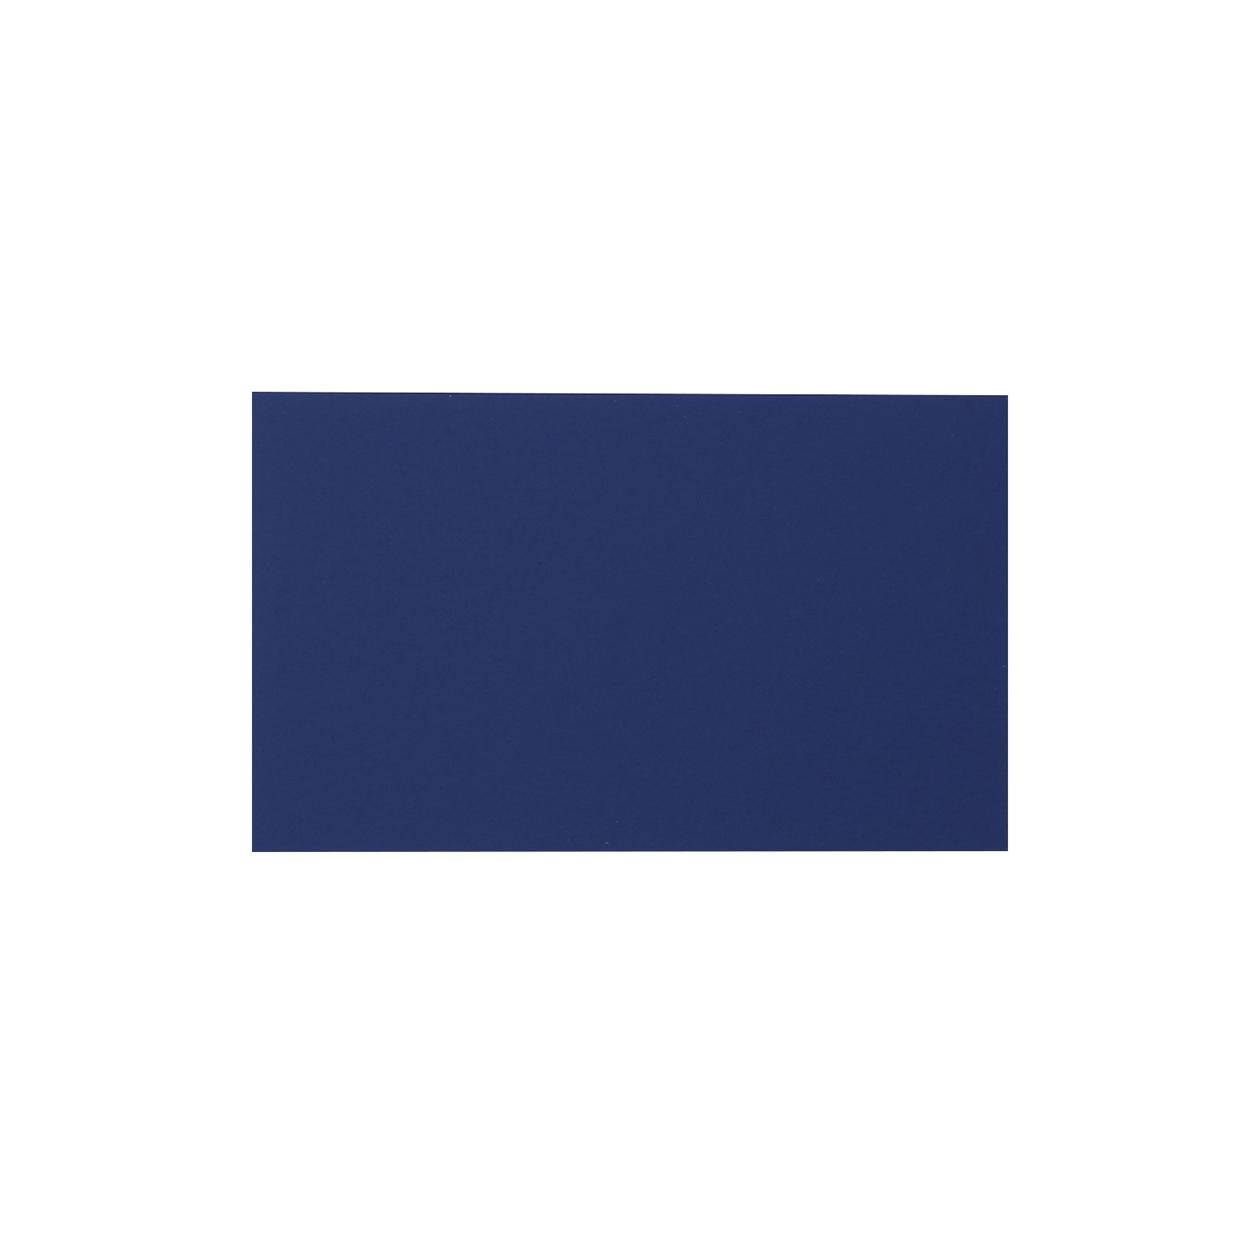 ネームカード キュリアススキン インディゴ 270g